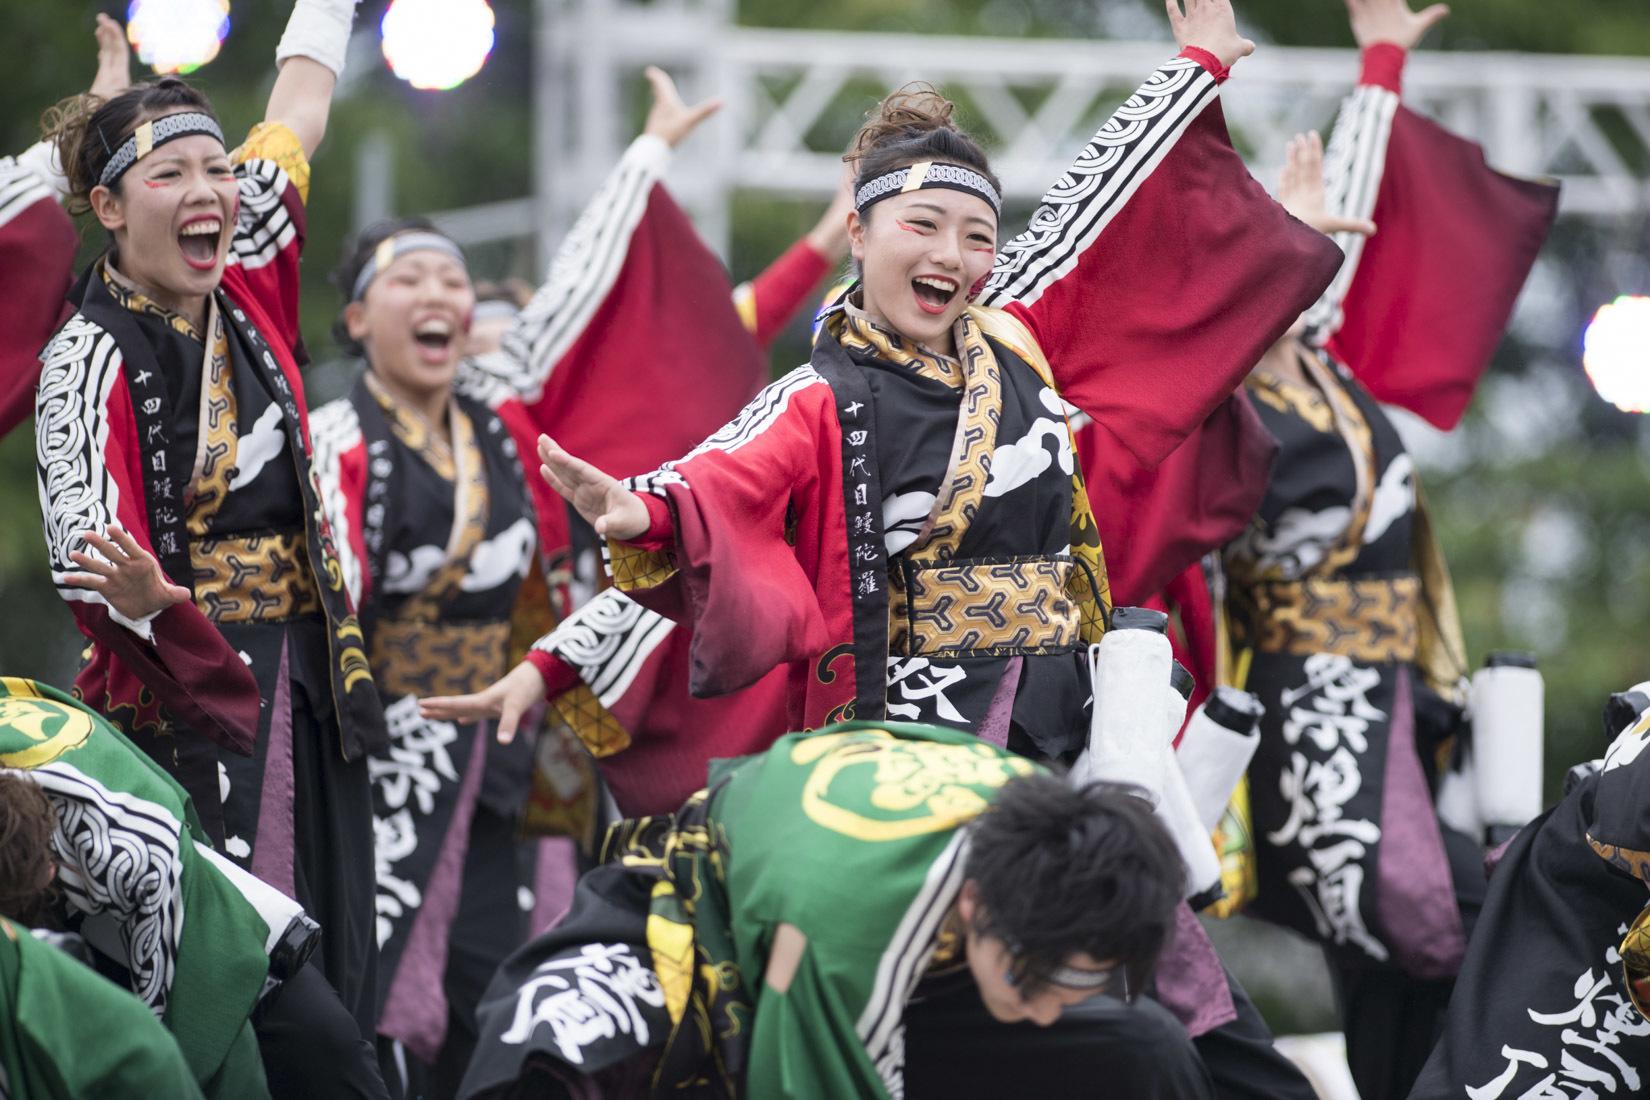 2019 犬山踊芸祭『浜松学生連 鰻陀羅』_f0184198_00130426.jpg